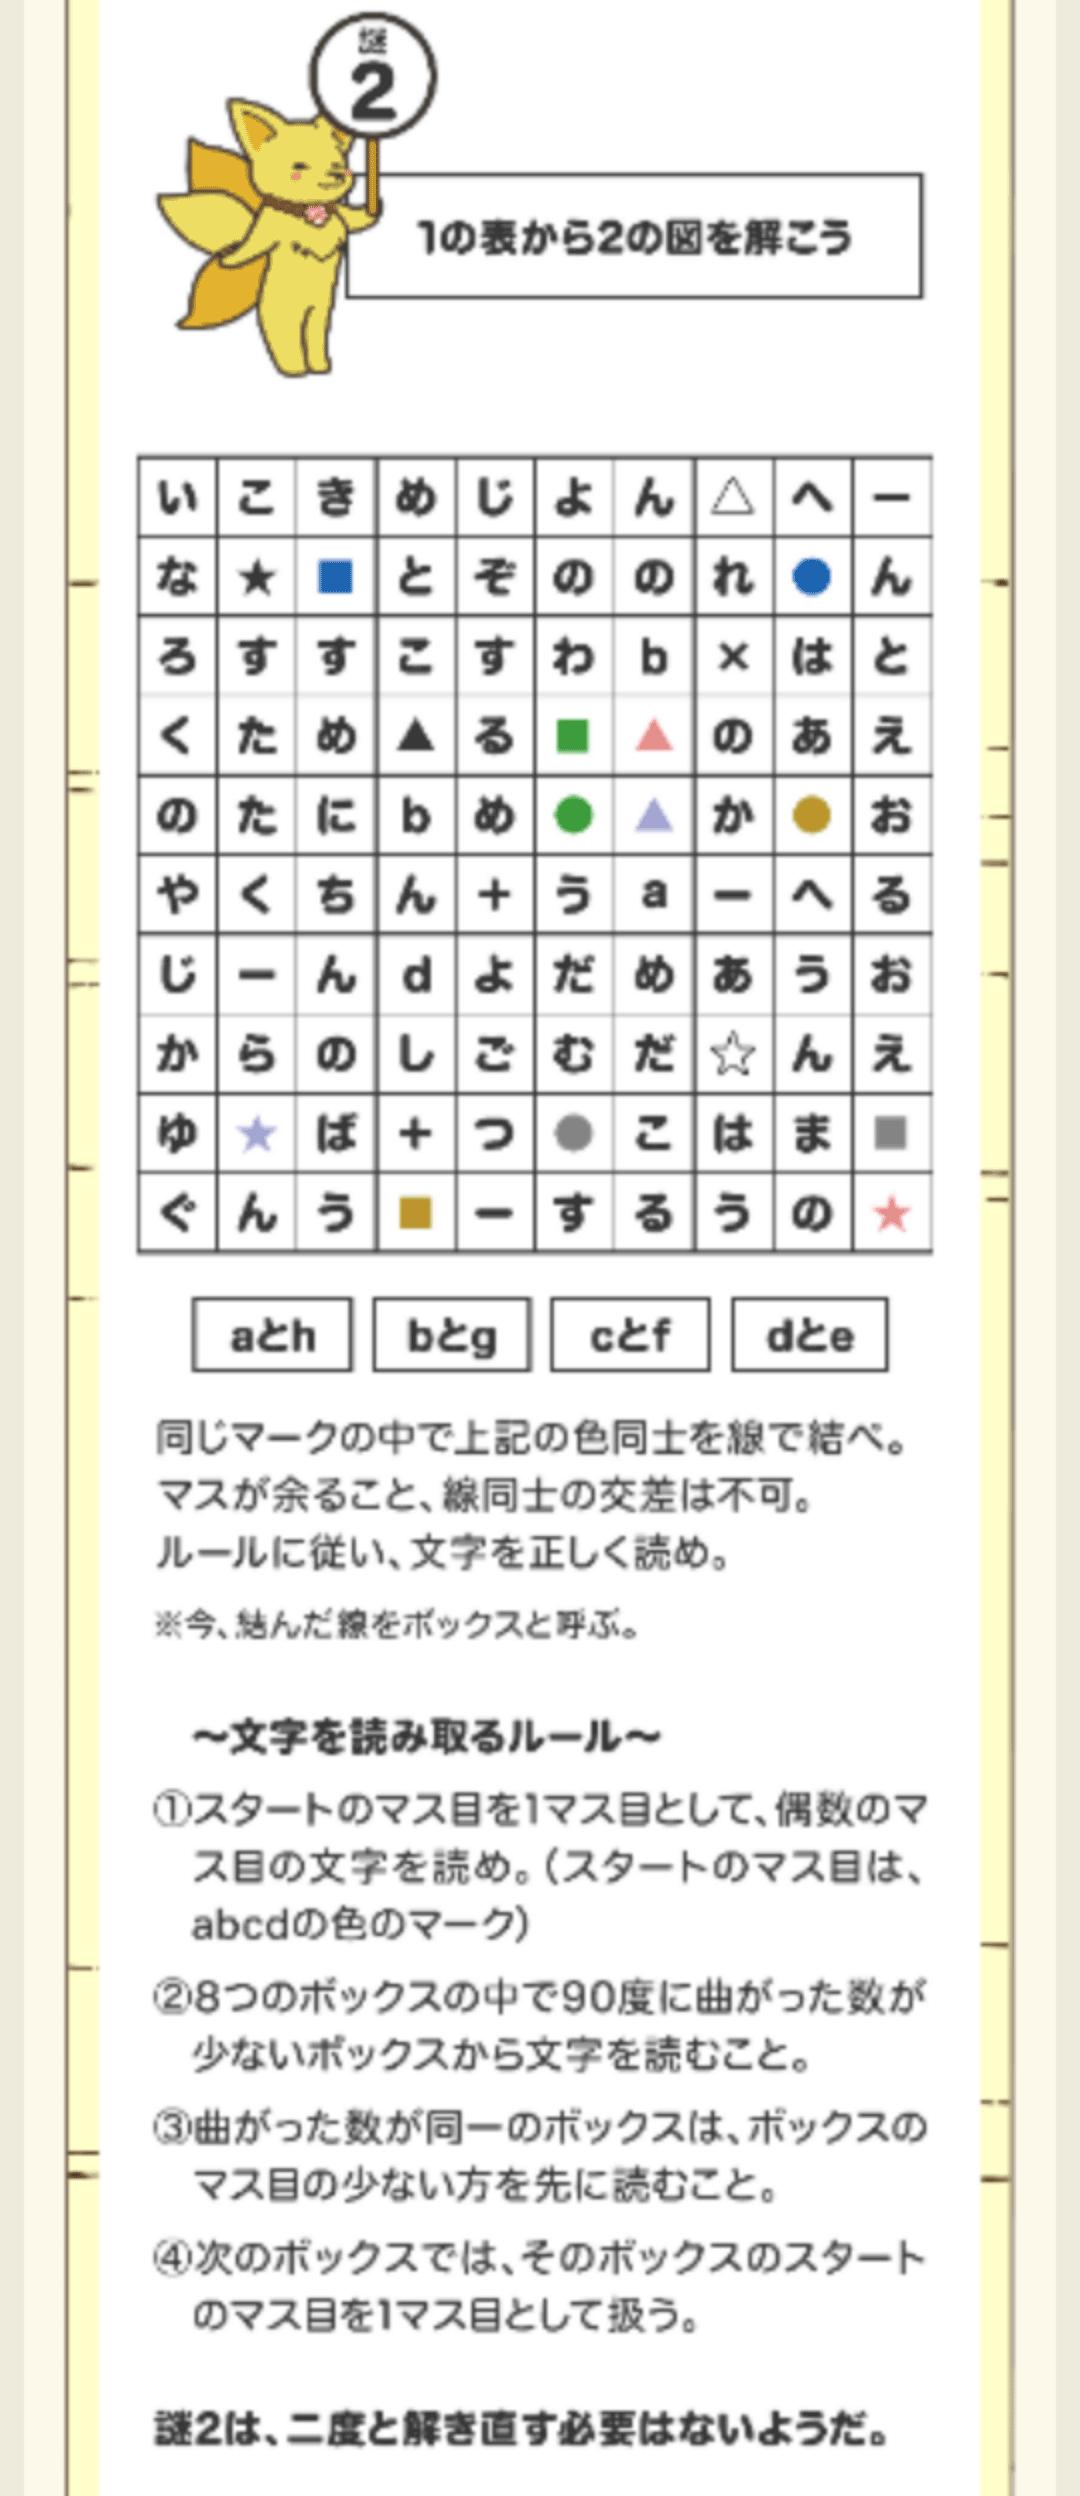 ナゾーからの挑戦状謎解き第10弾Q3-3